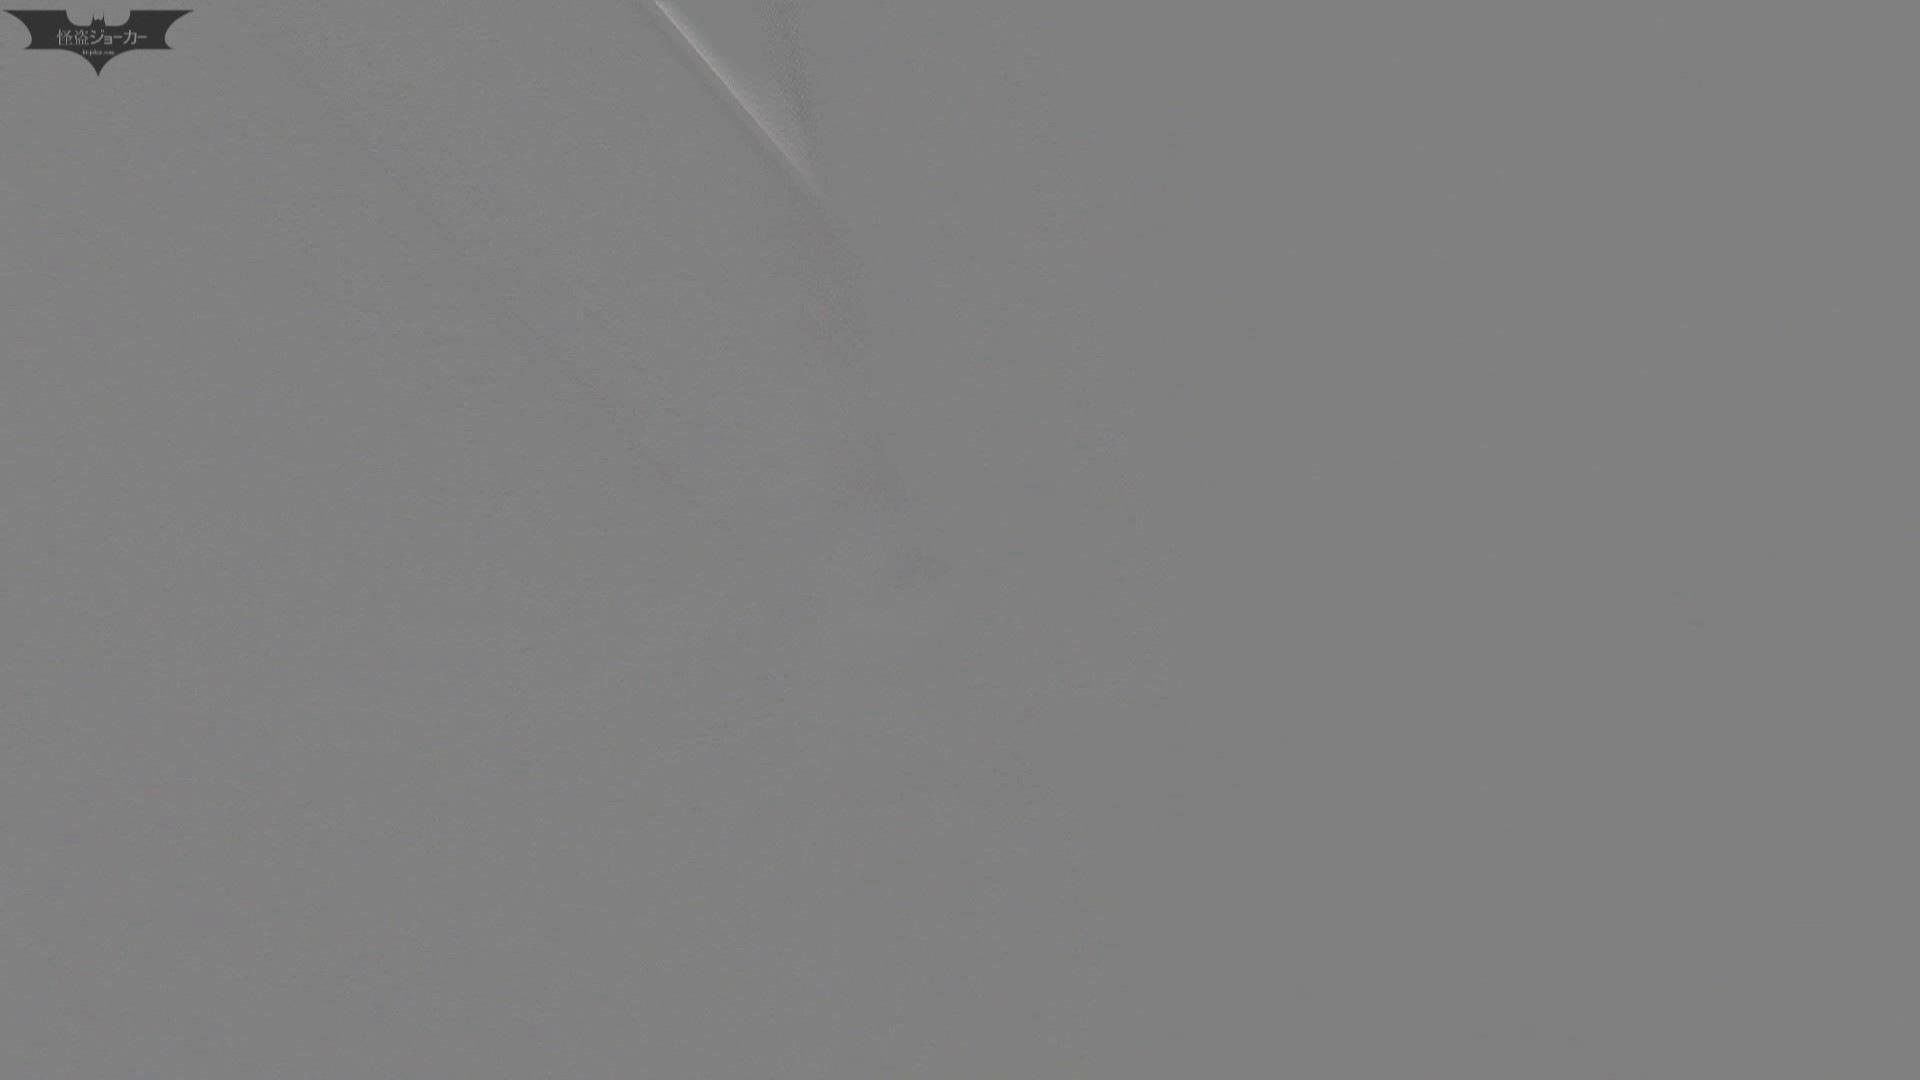 下からノゾム vol.019 美JとBスはあそこも違う!! OLの実態 | 0  100pic 13